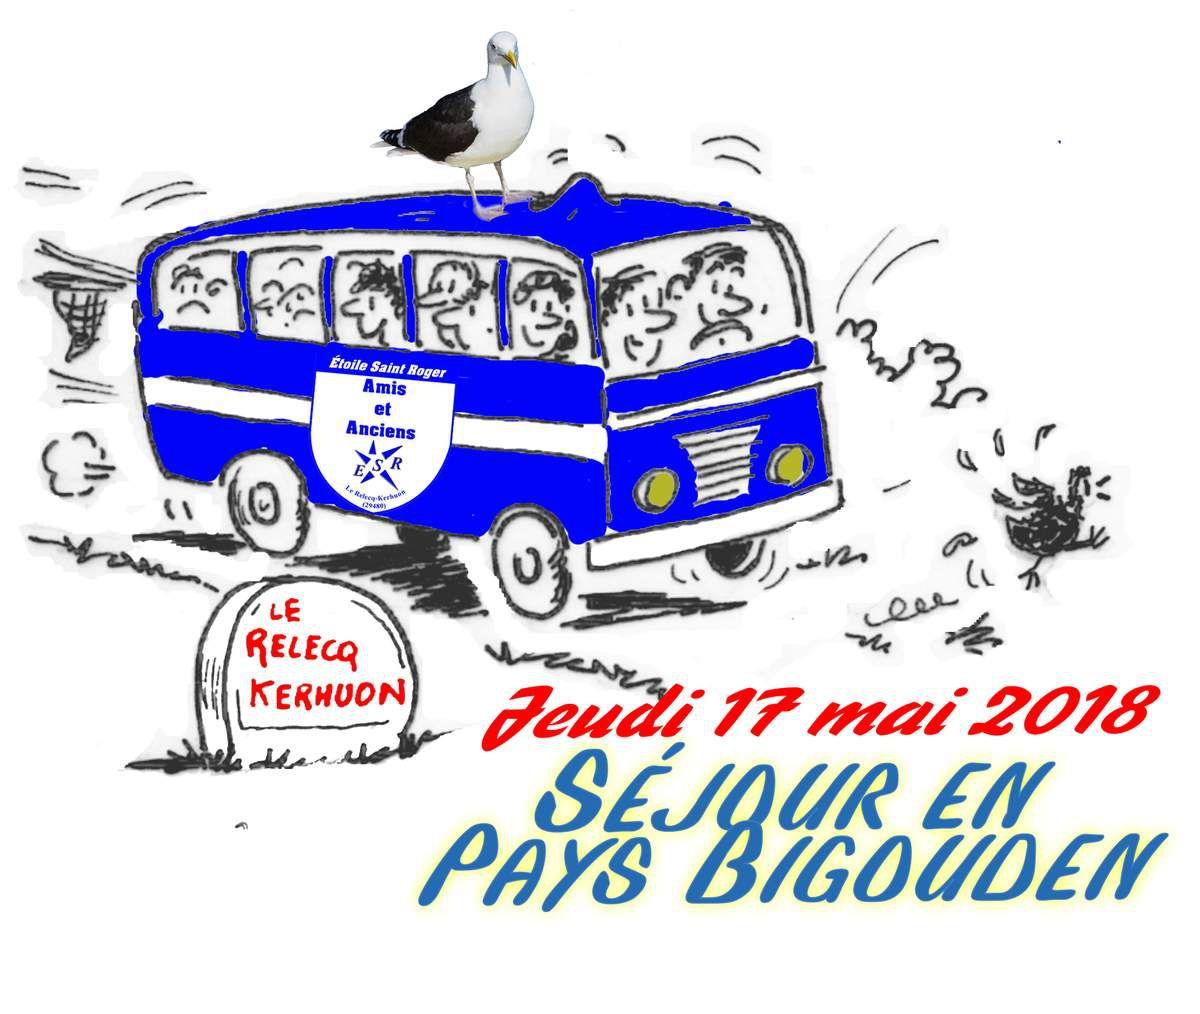 Croquis original de Jean Lunven - colorisation et texte : Amis et anciens de l'Étoile Saint Roger